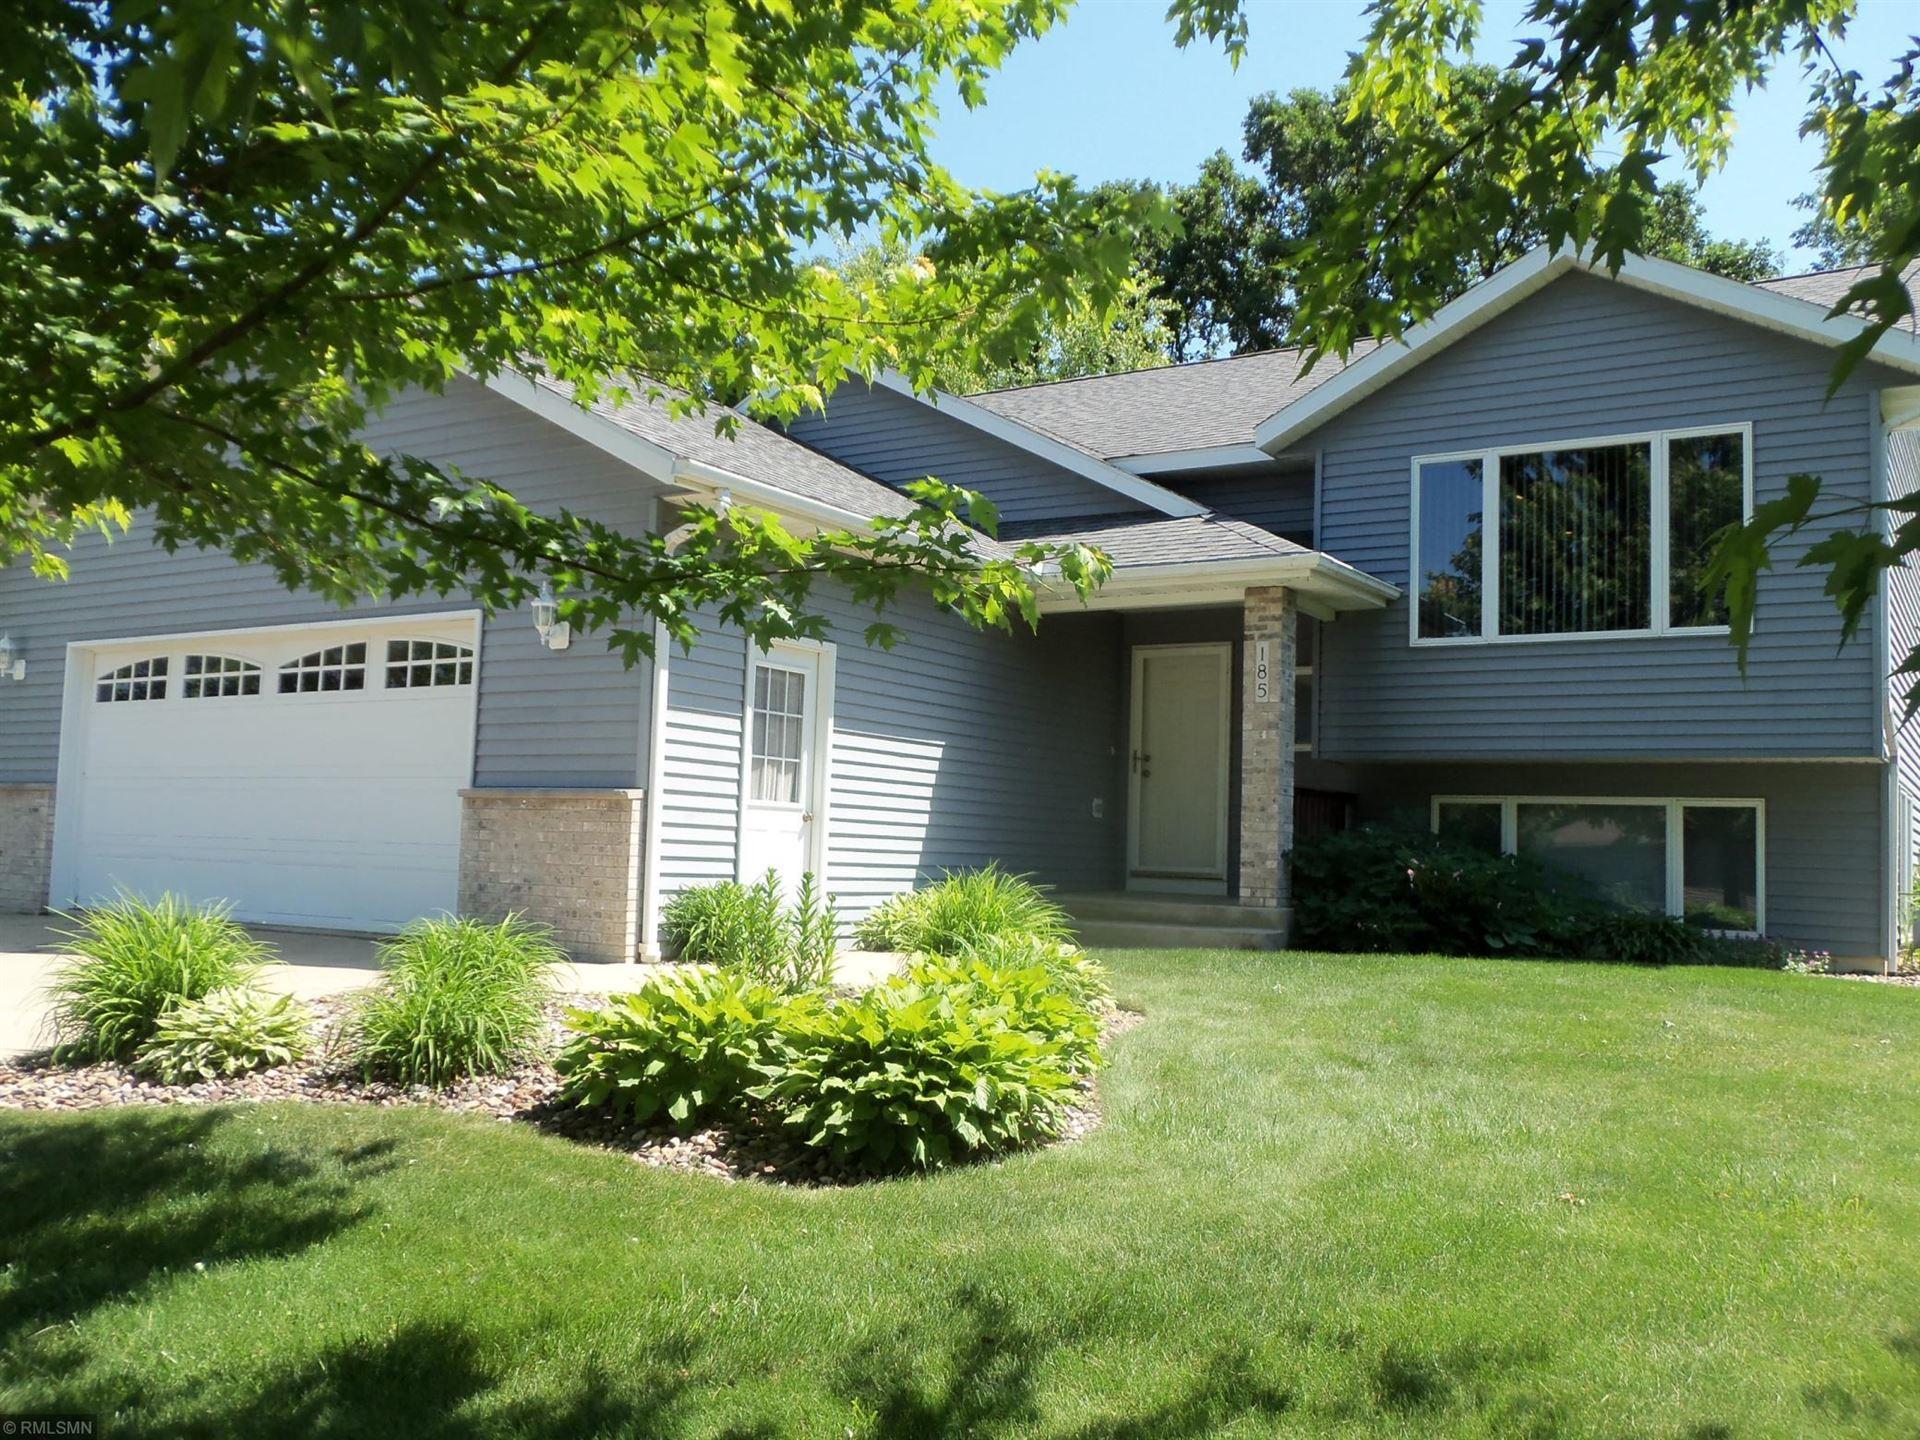 185 Pearson Drive, Saint Charles, MN 55972 - MLS#: 5614874